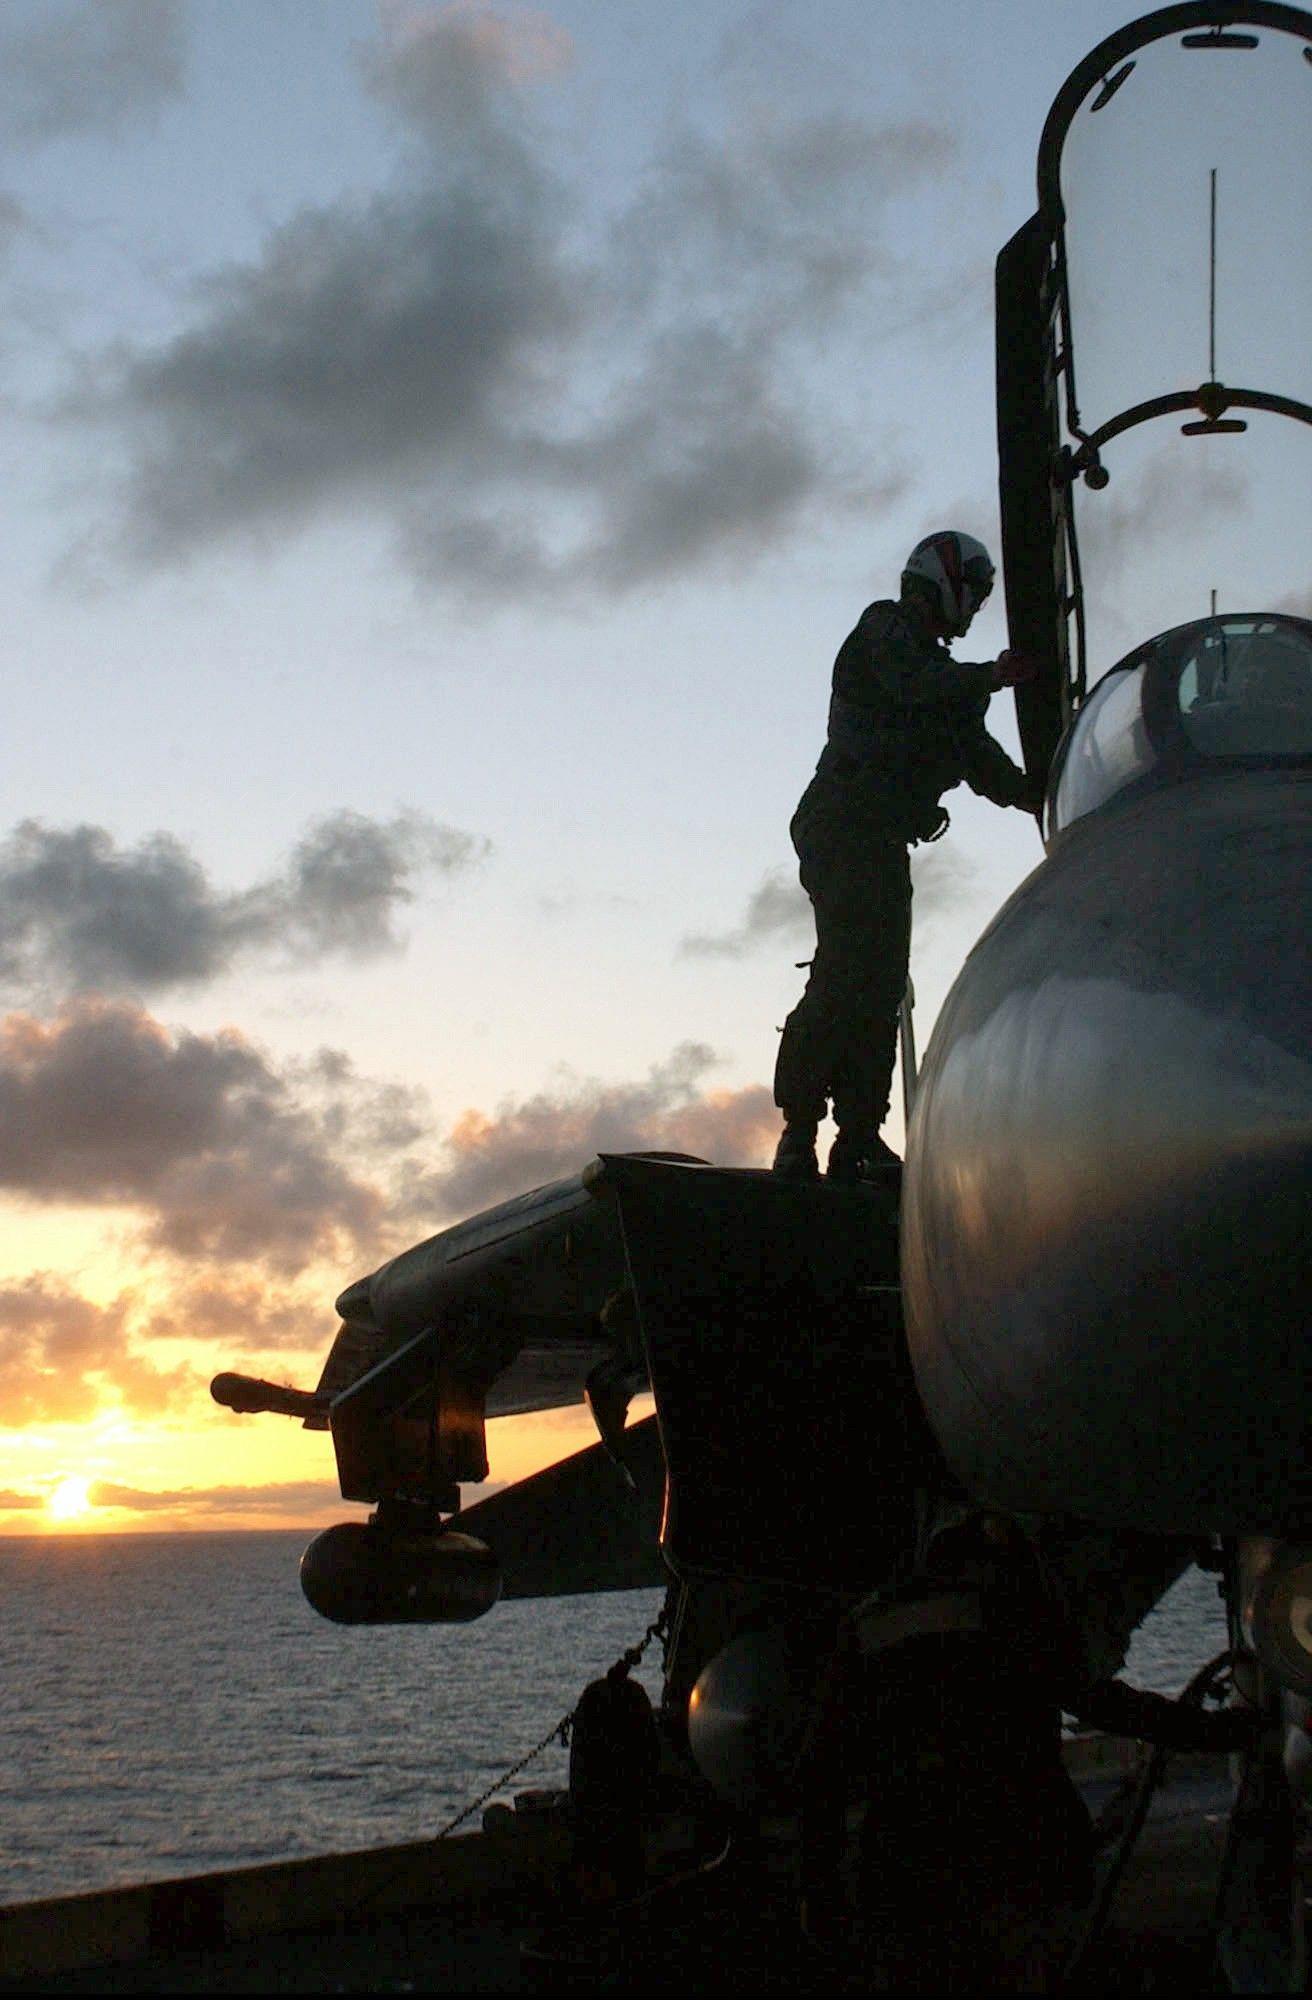 戦闘機 Equipo De Aviacion En El Portaaviones の画像 投稿者